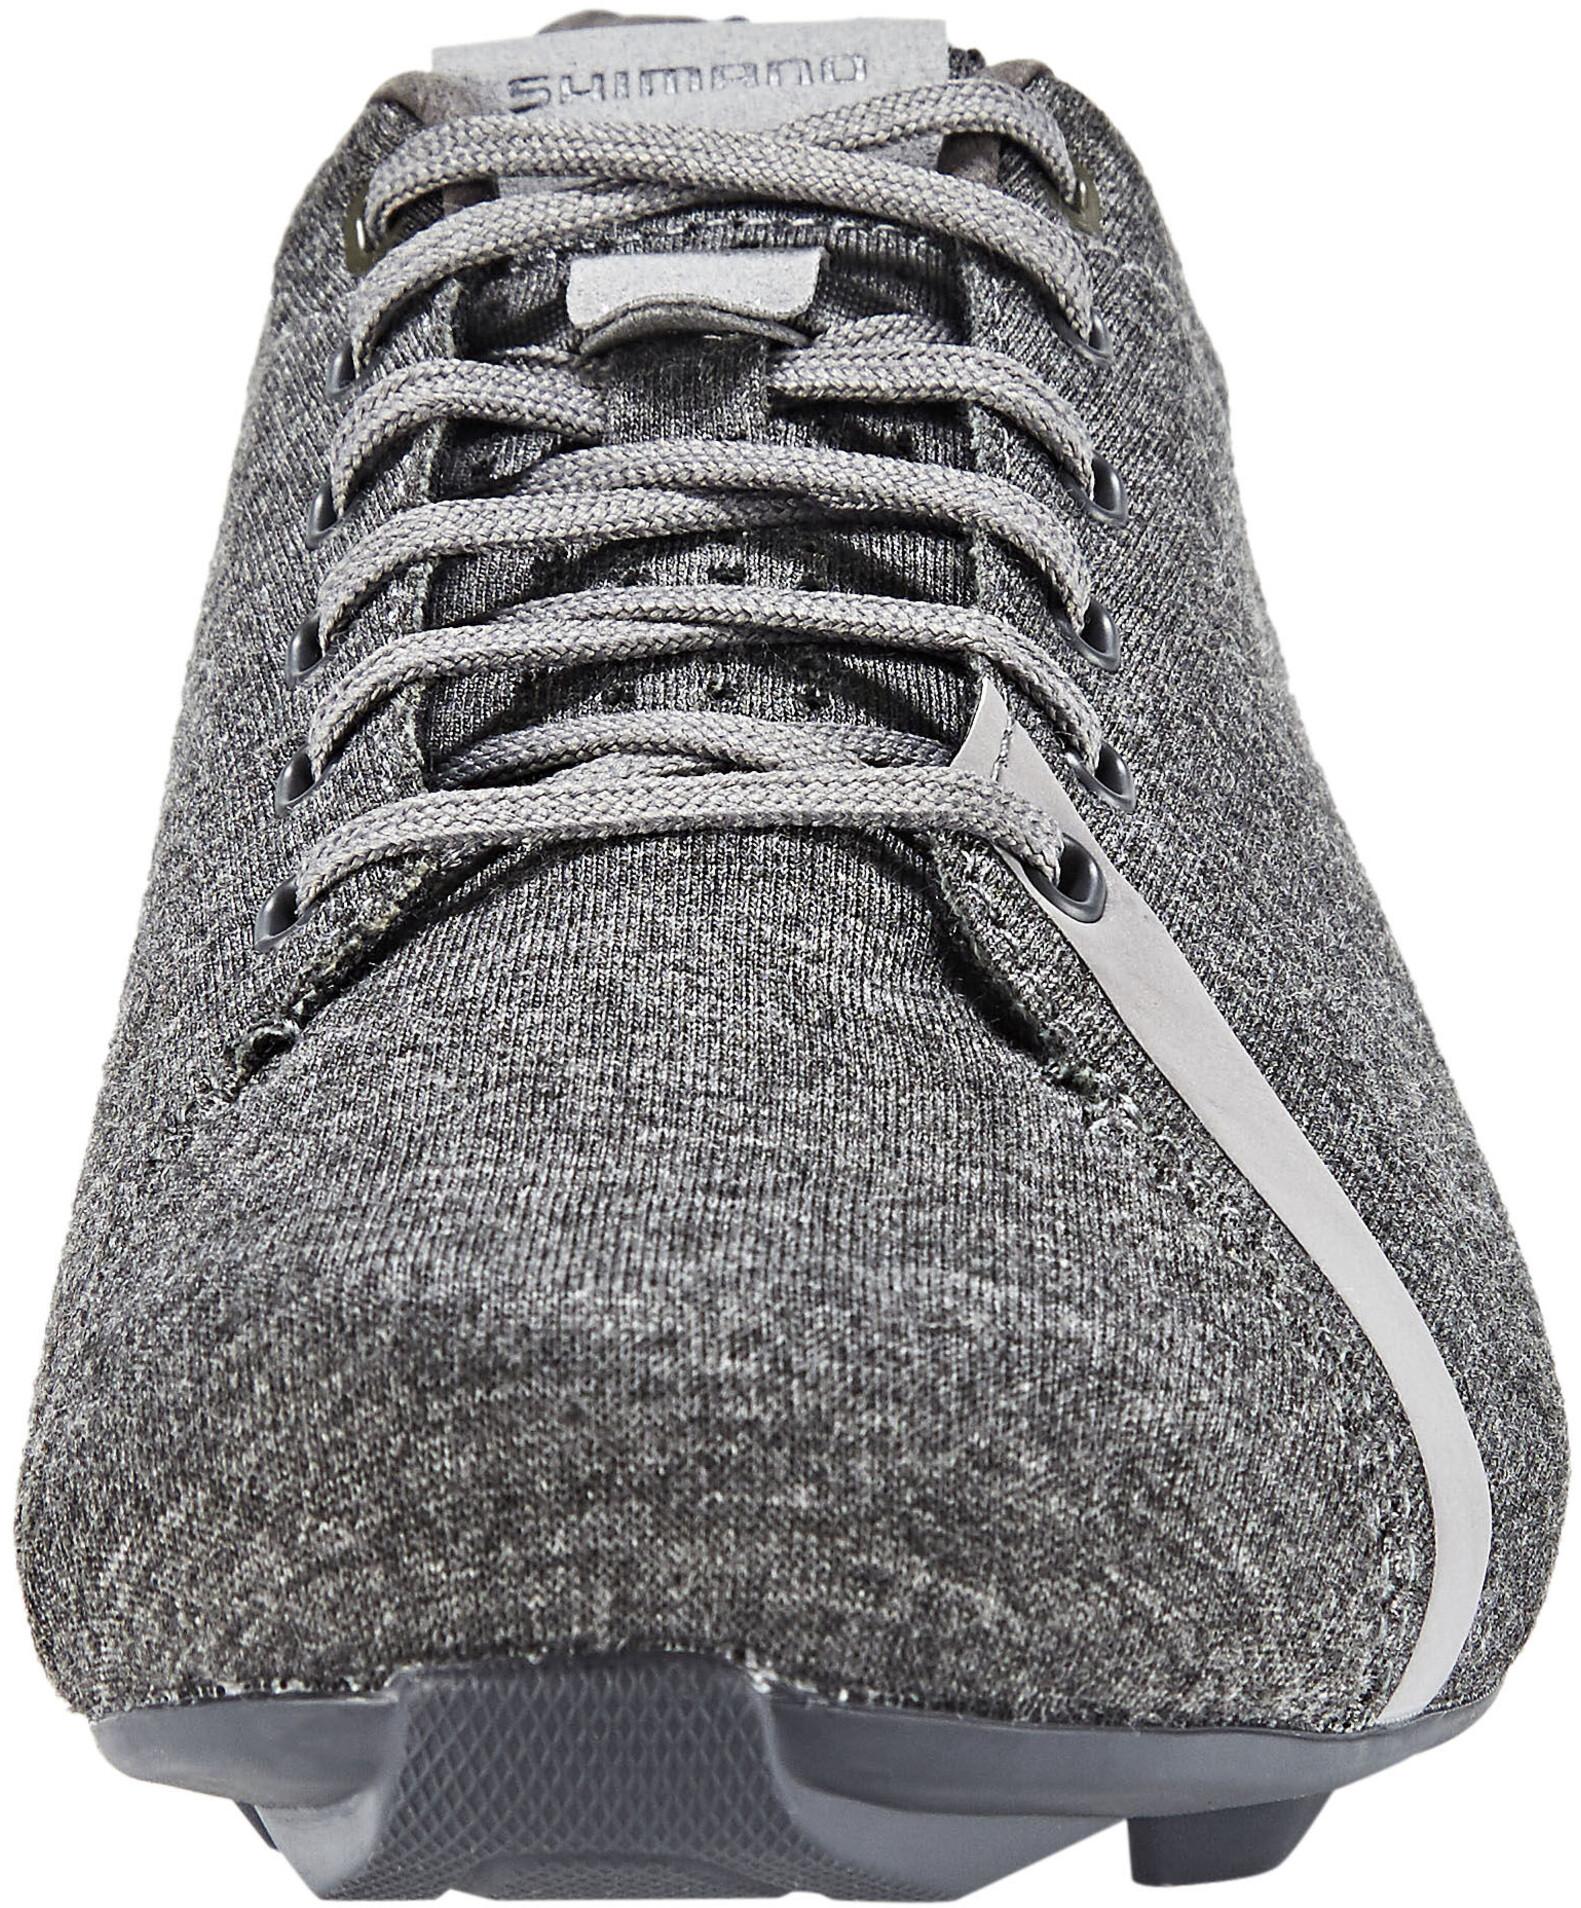 Shimano SH-RT4M Shoes grey at Bikester.co.uk 0ad634b969